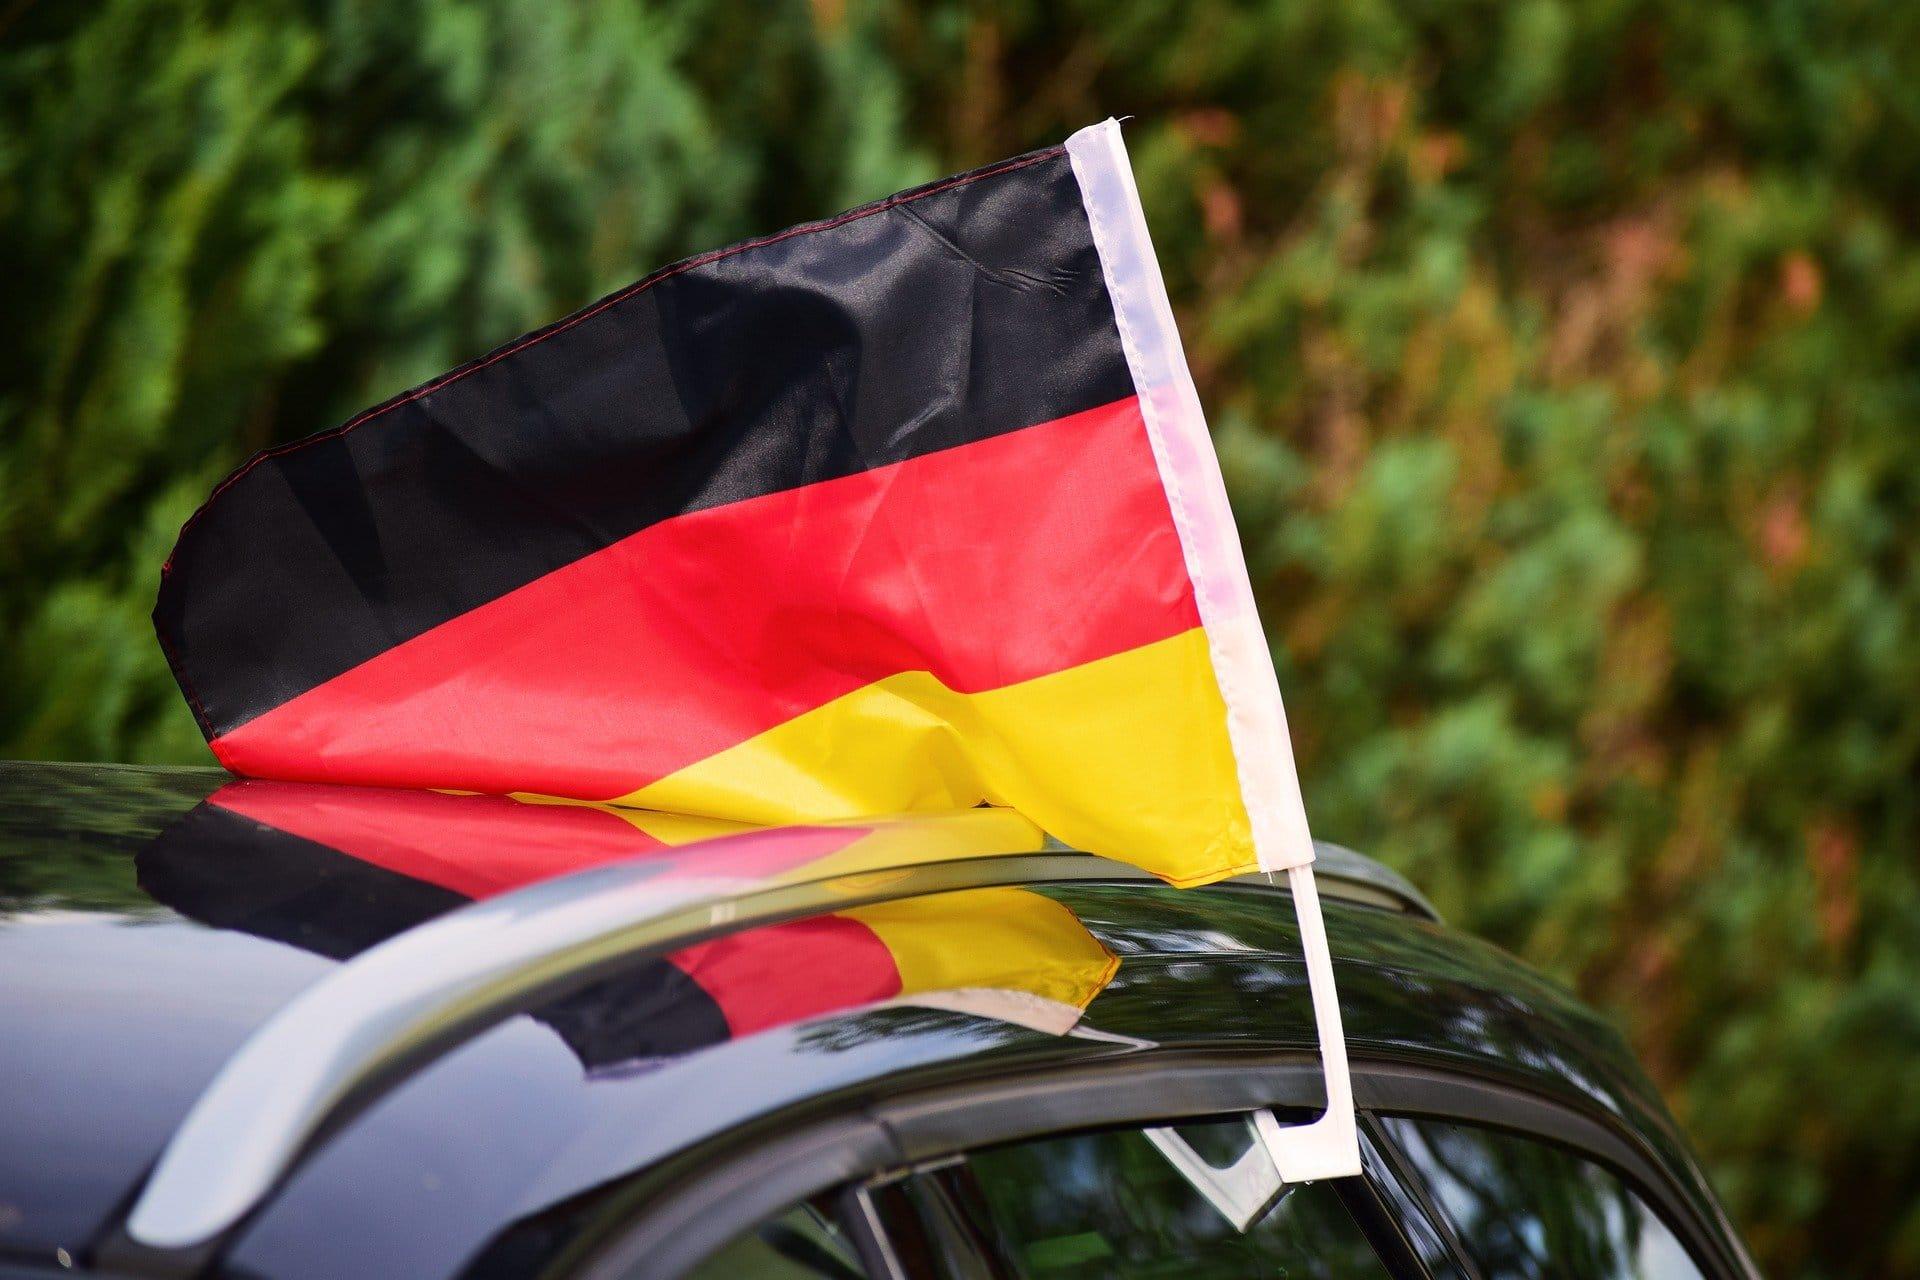 Freude und Euphorie – die Sicherheit steht an erster Stelle Oberpfälzer Polizei gibt Tipps anlässlich der Fußball-Europameisterschaft